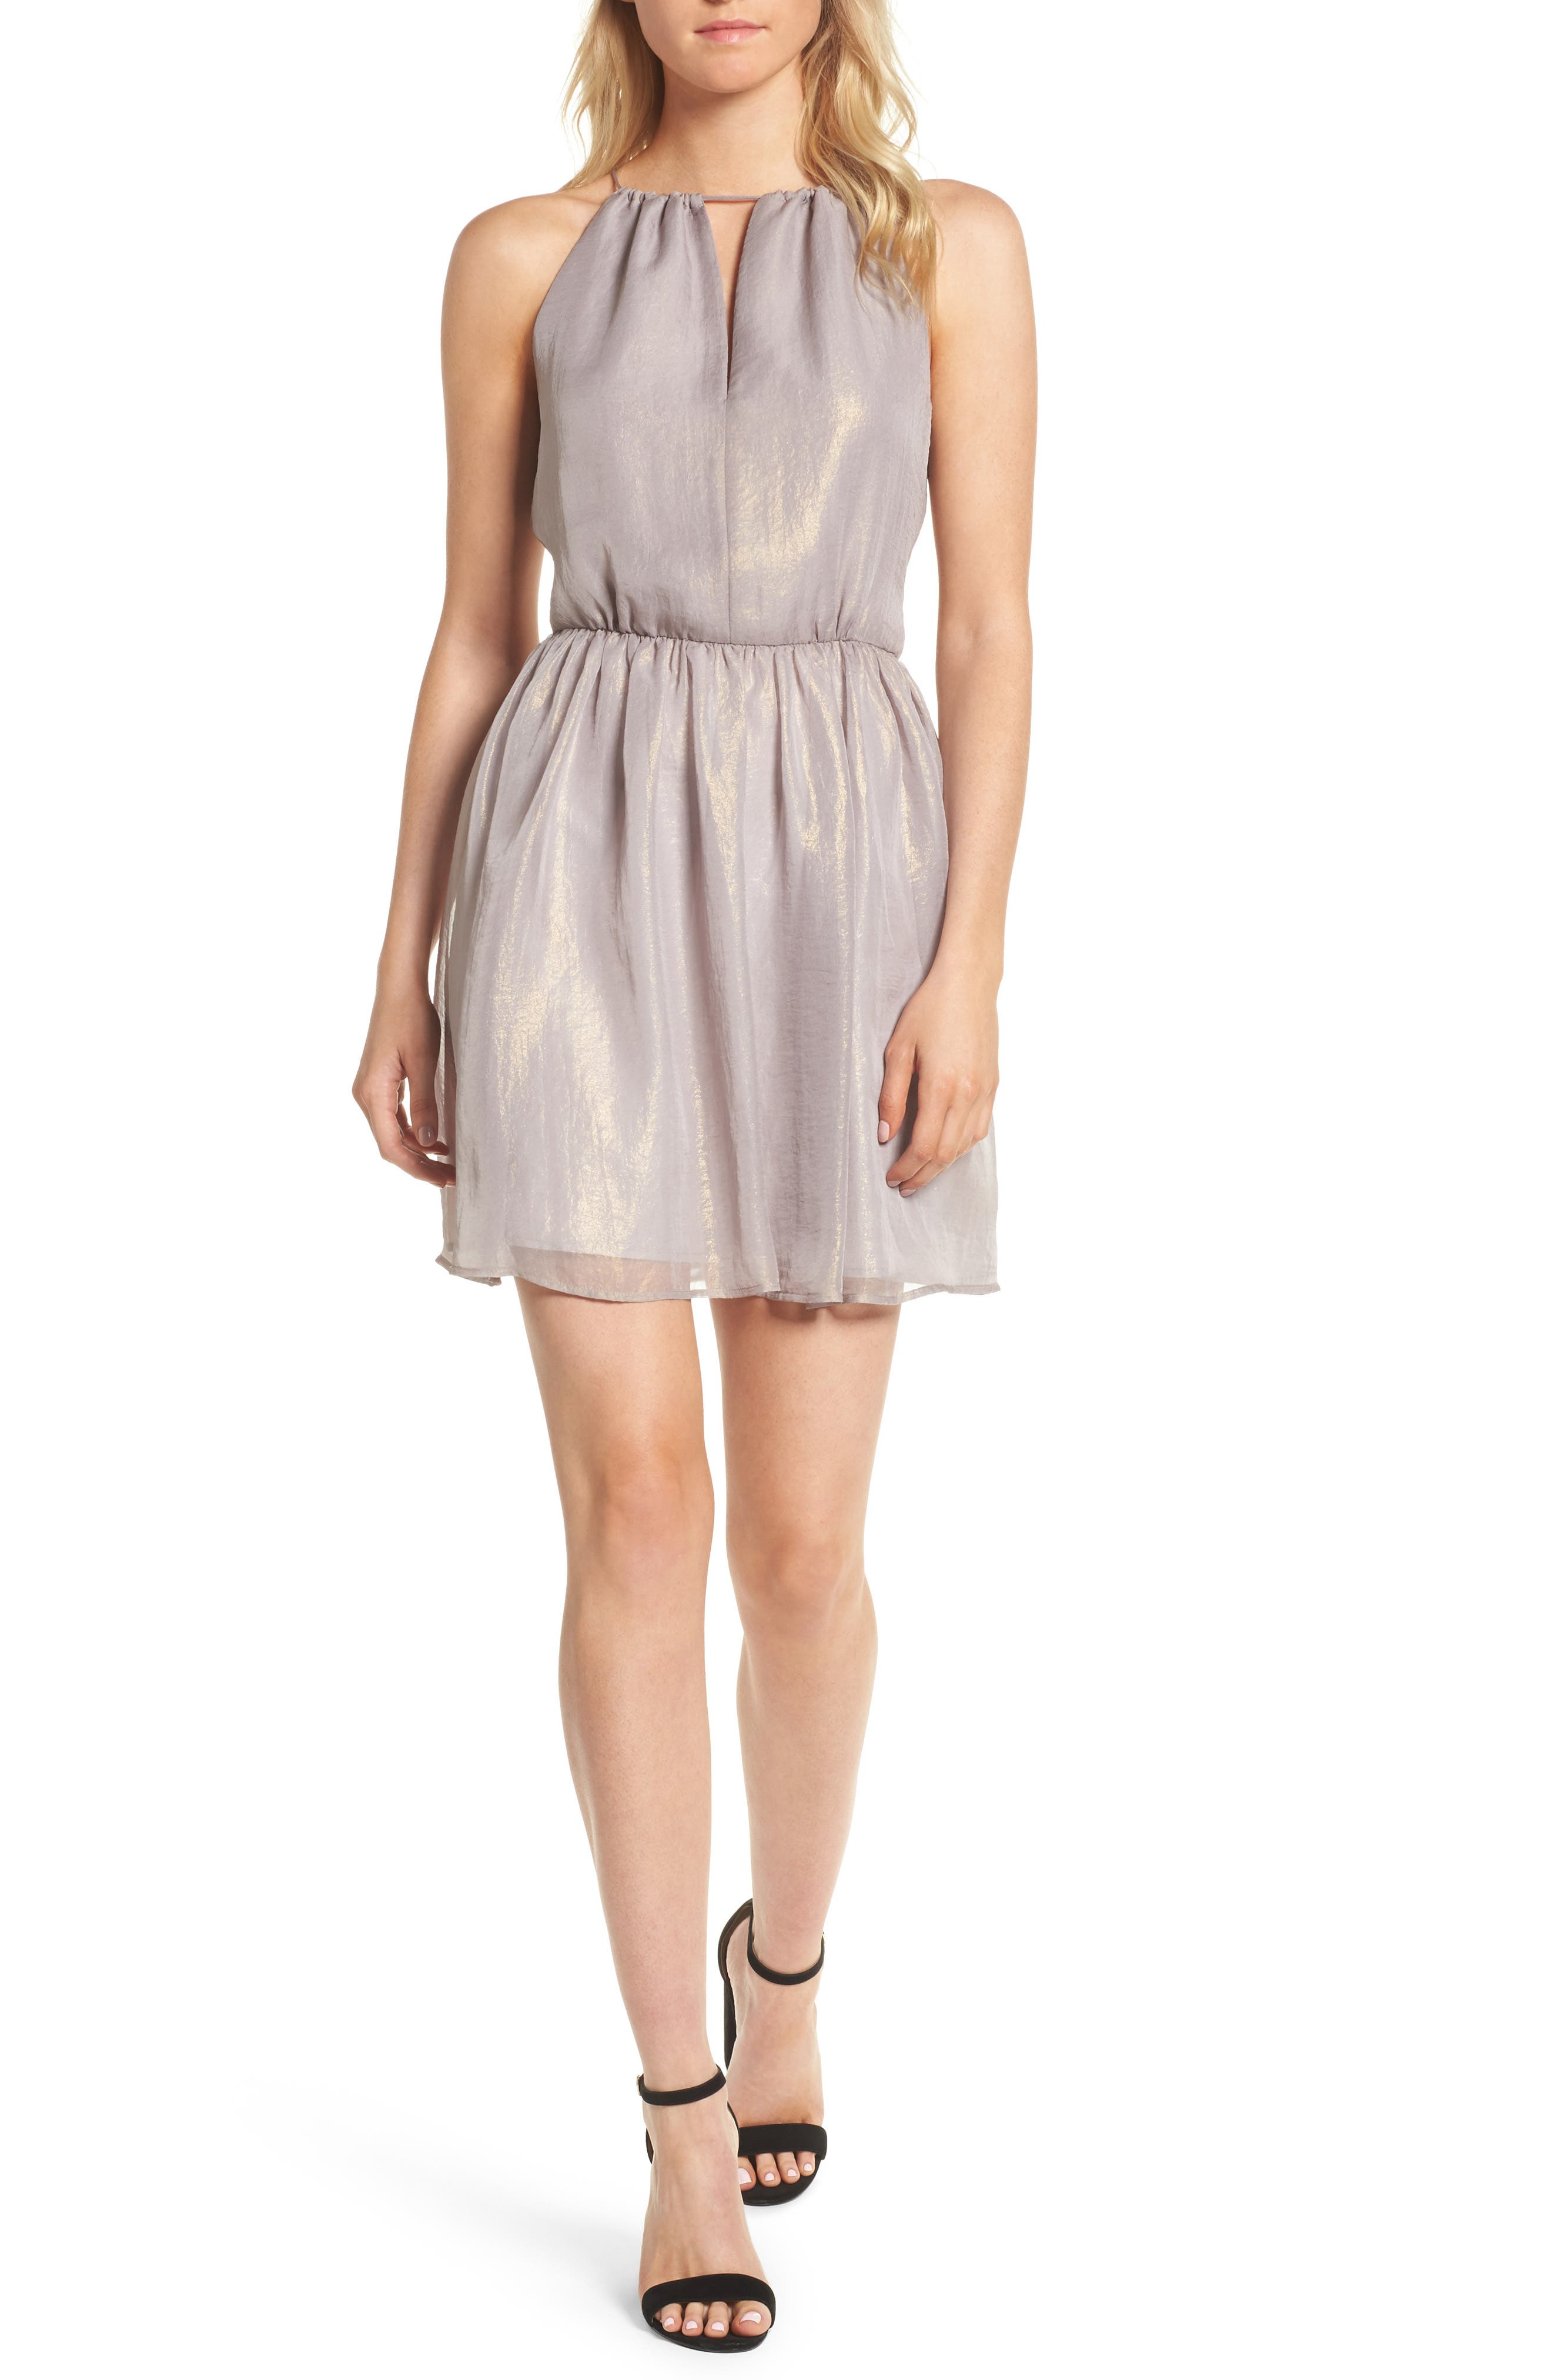 Bayleef Minidress,                         Main,                         color, Gossamer Grey